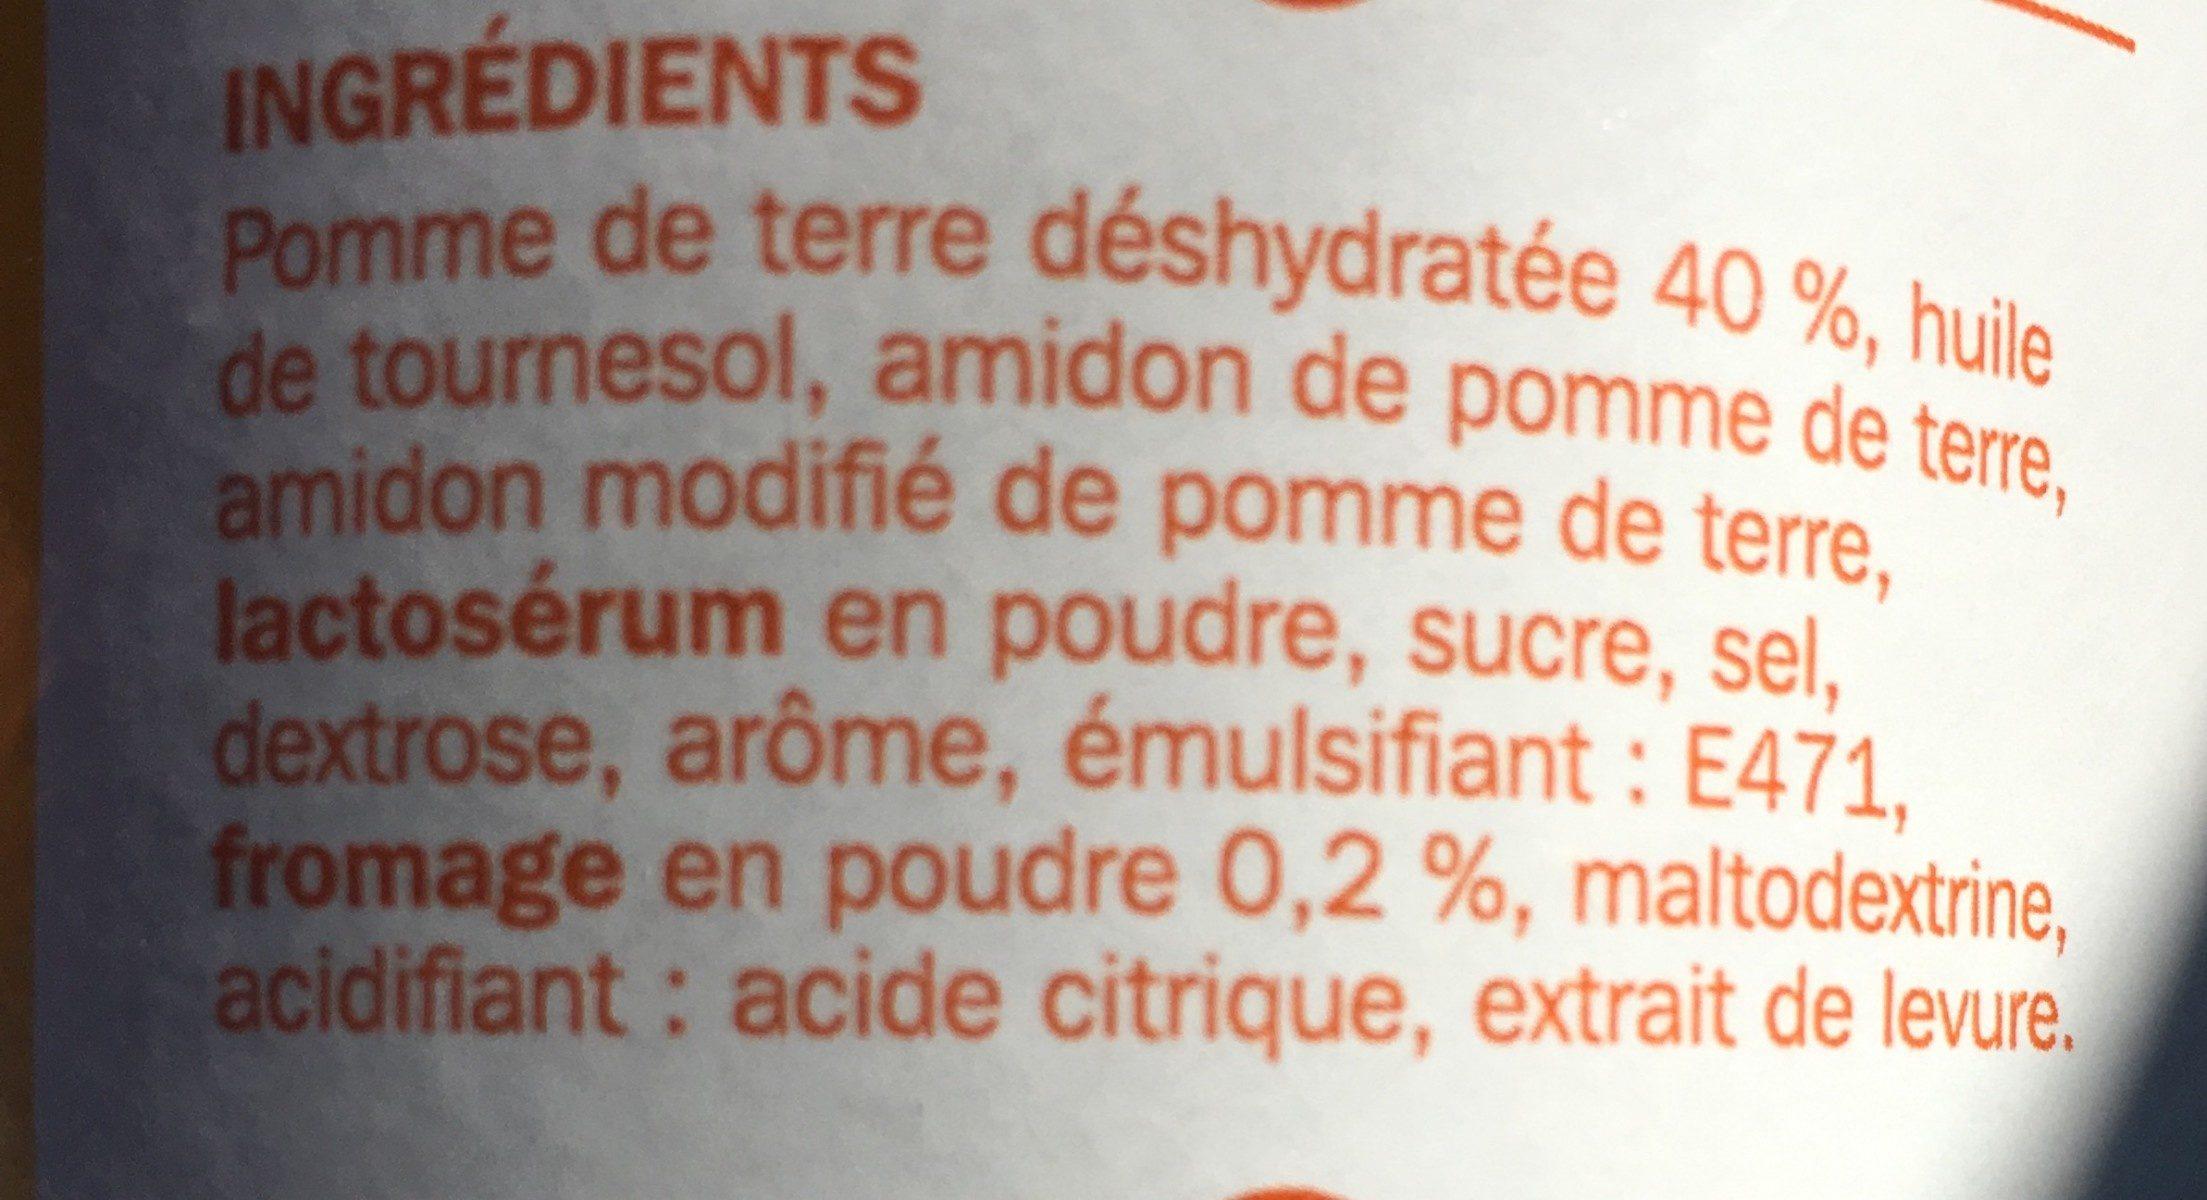 Tuiles goût fromage - Ingrédients